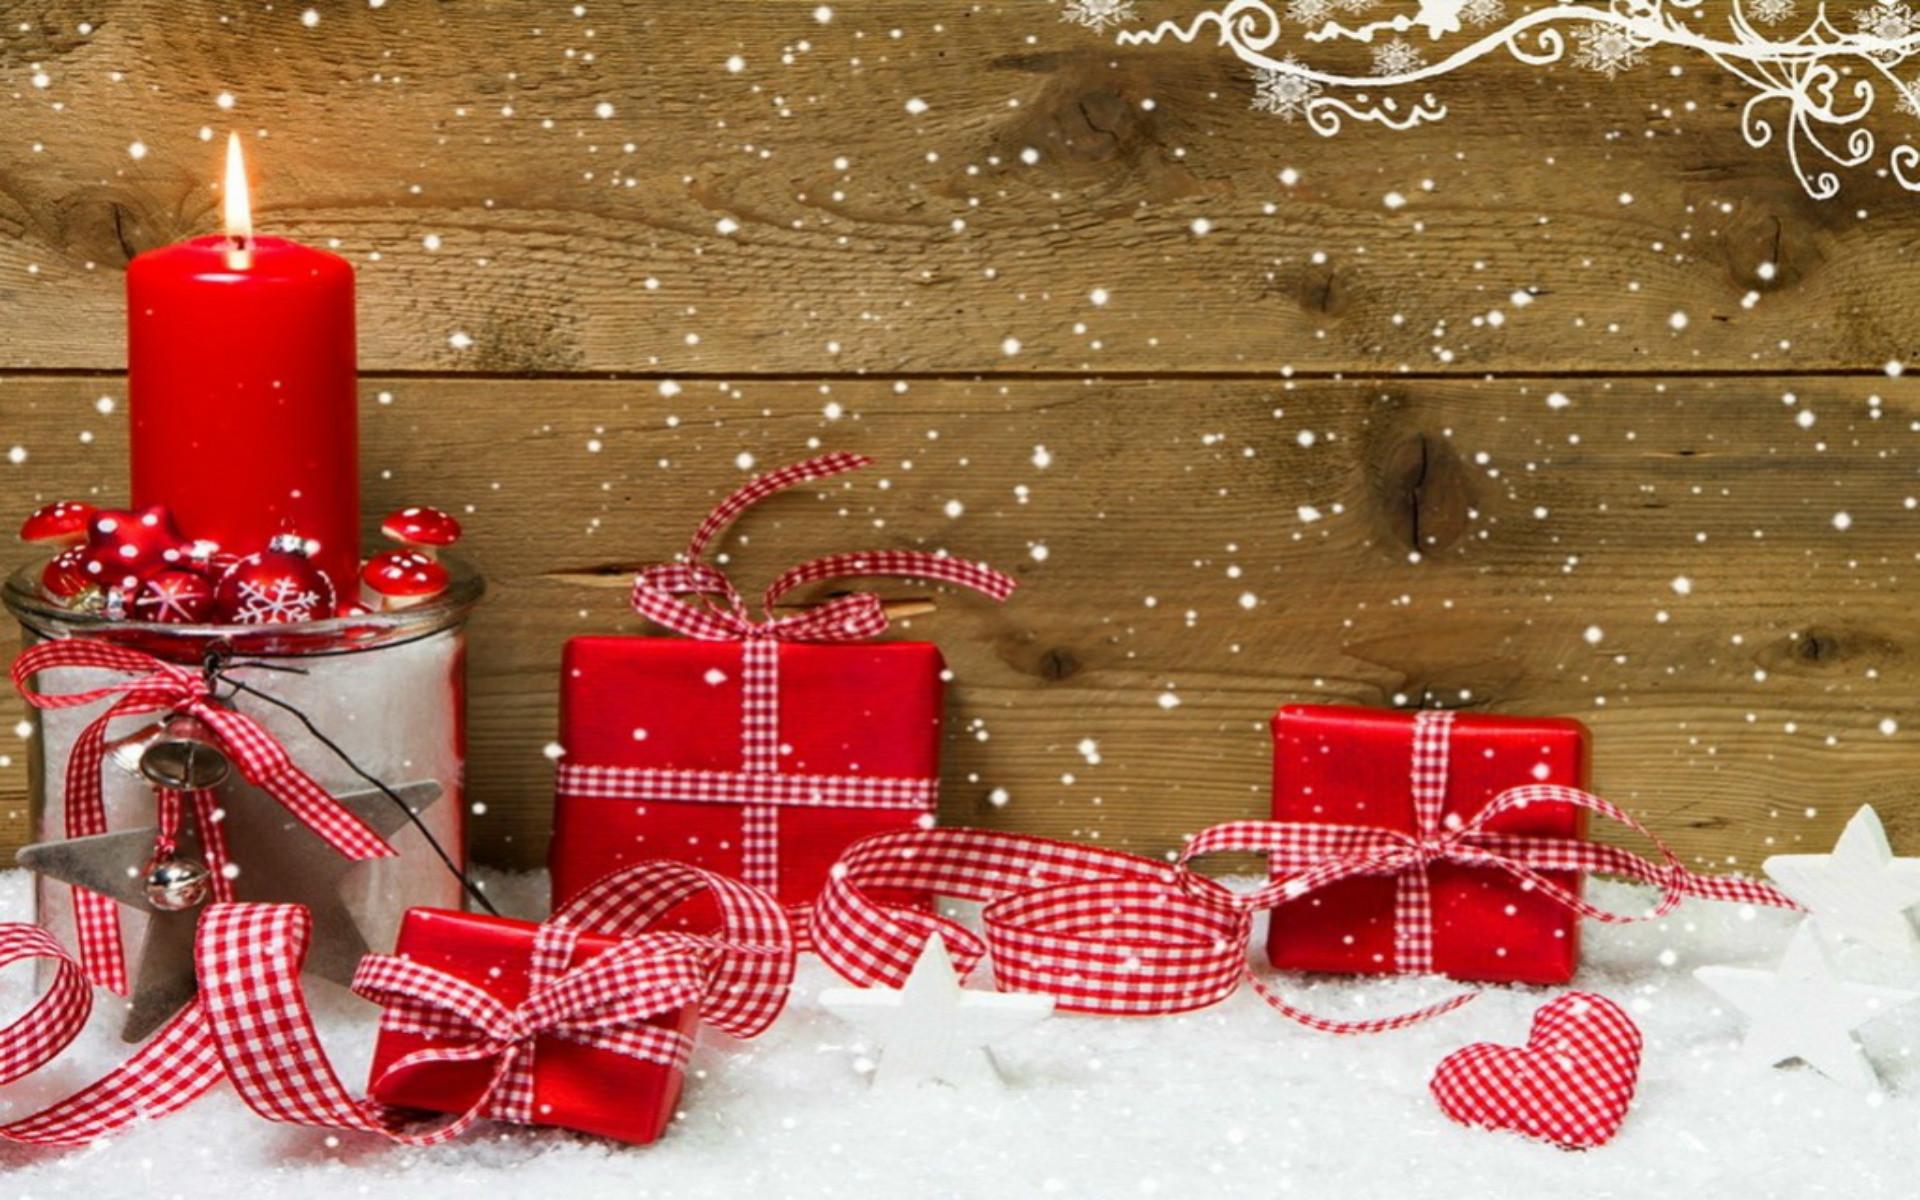 christmas desktop background (60+ images)